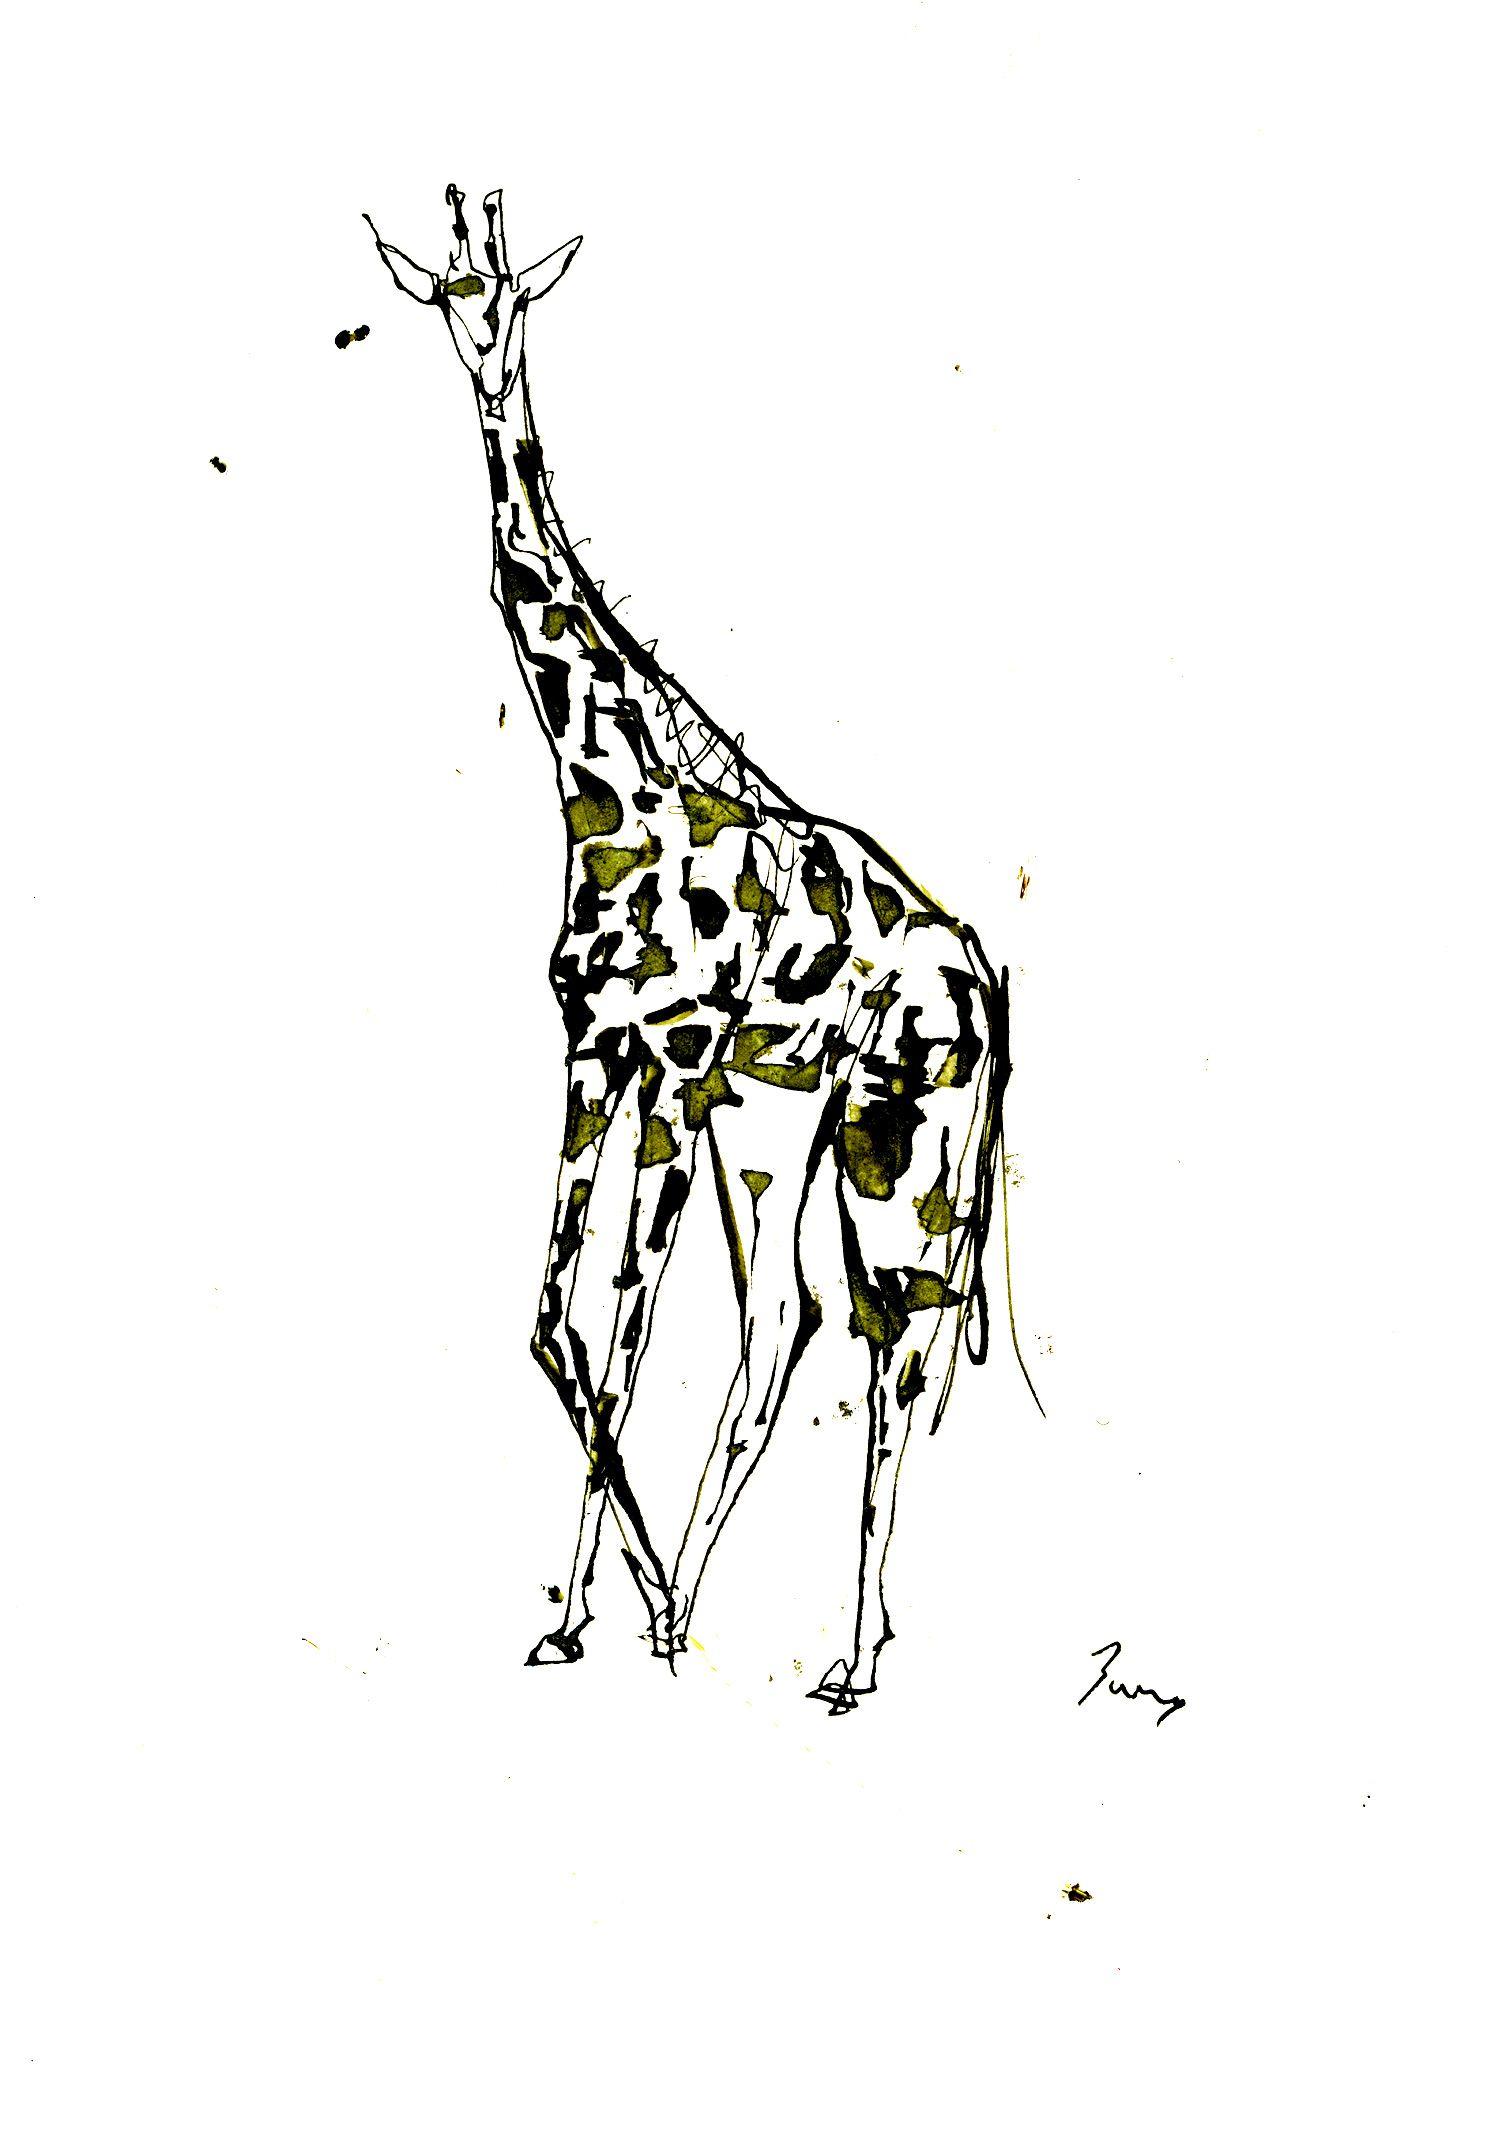 キリン イラスト キリン アート ドローイング インク ペン シンプル 動物 シンプル Illustration Giraffe Art Drawing Ink Pen Simple Animal Junsasaki キリンアート キリン イラスト